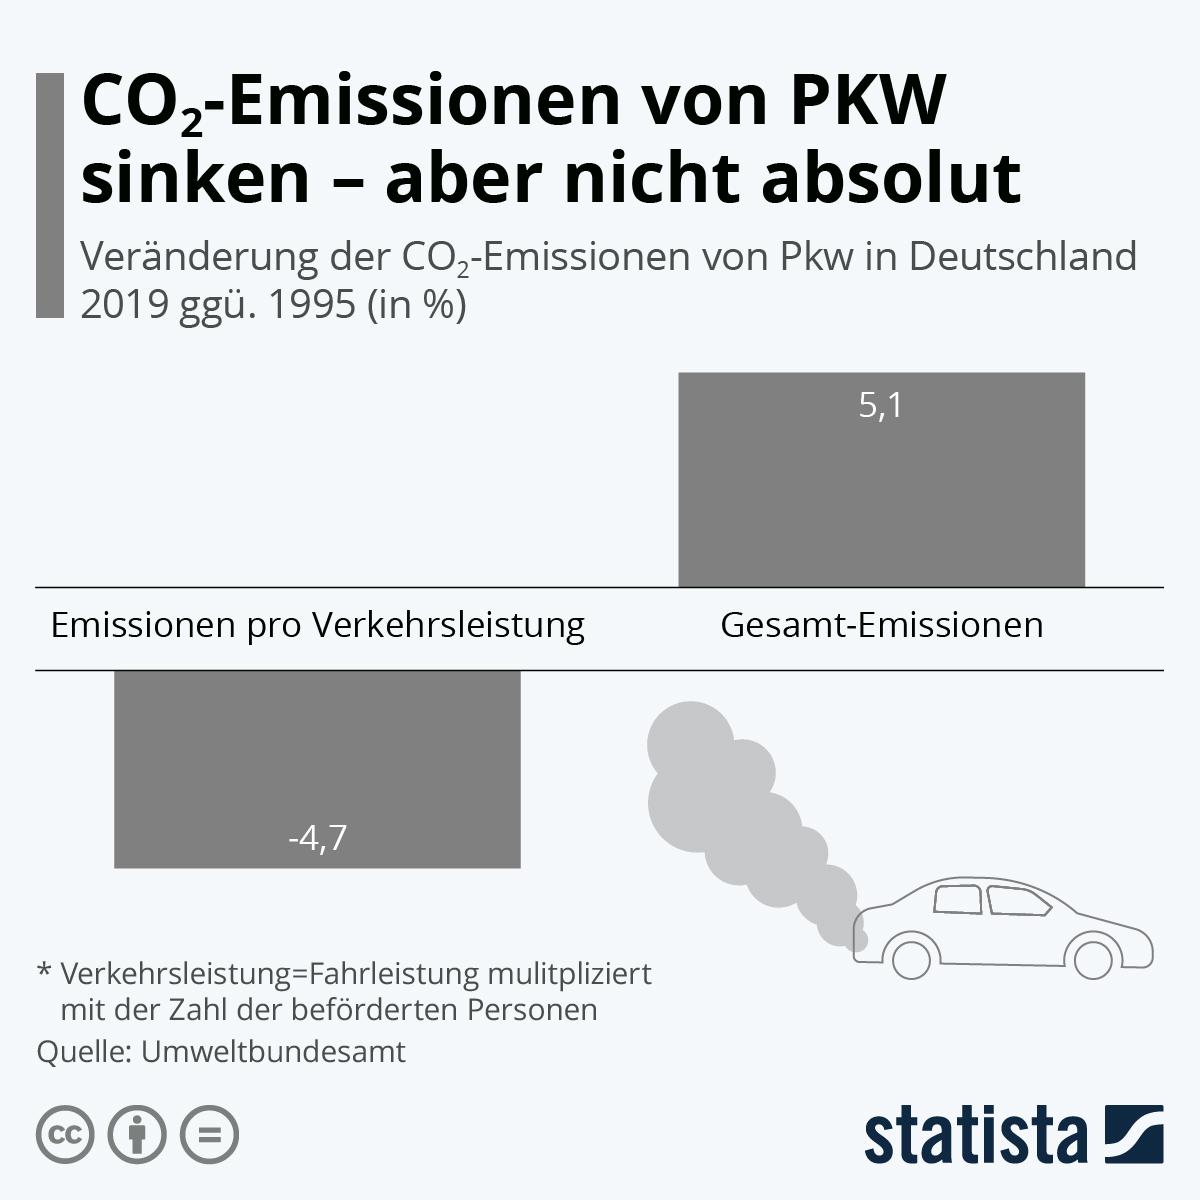 Infografik: CO2-Emissionen von PKW sinken - aber nicht absolut | Statista